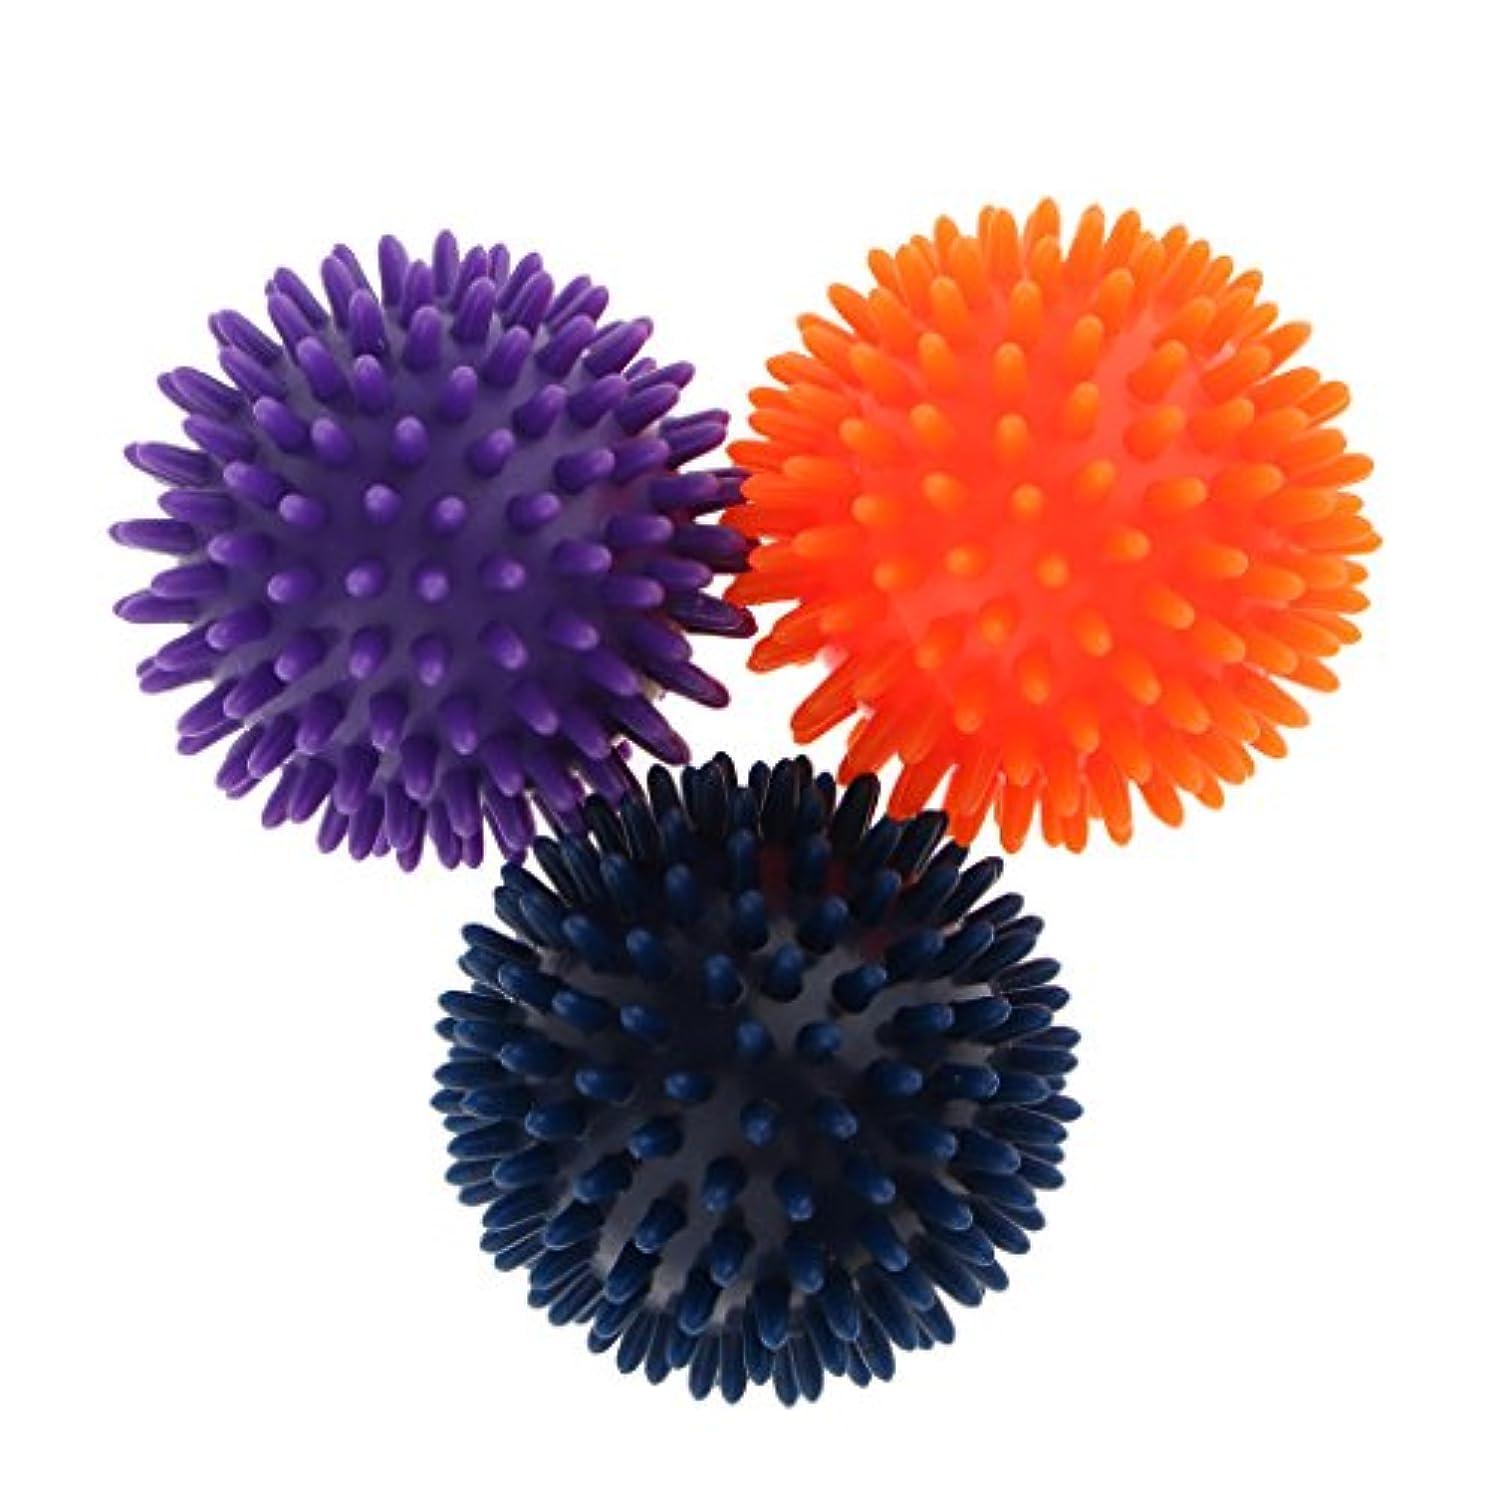 面白い可聴優先マッサージボール スパイシー マッサージ ボディトリガー リラックス 3個セット 2タイプ選べ - パープルオレンジブルー, 8cm